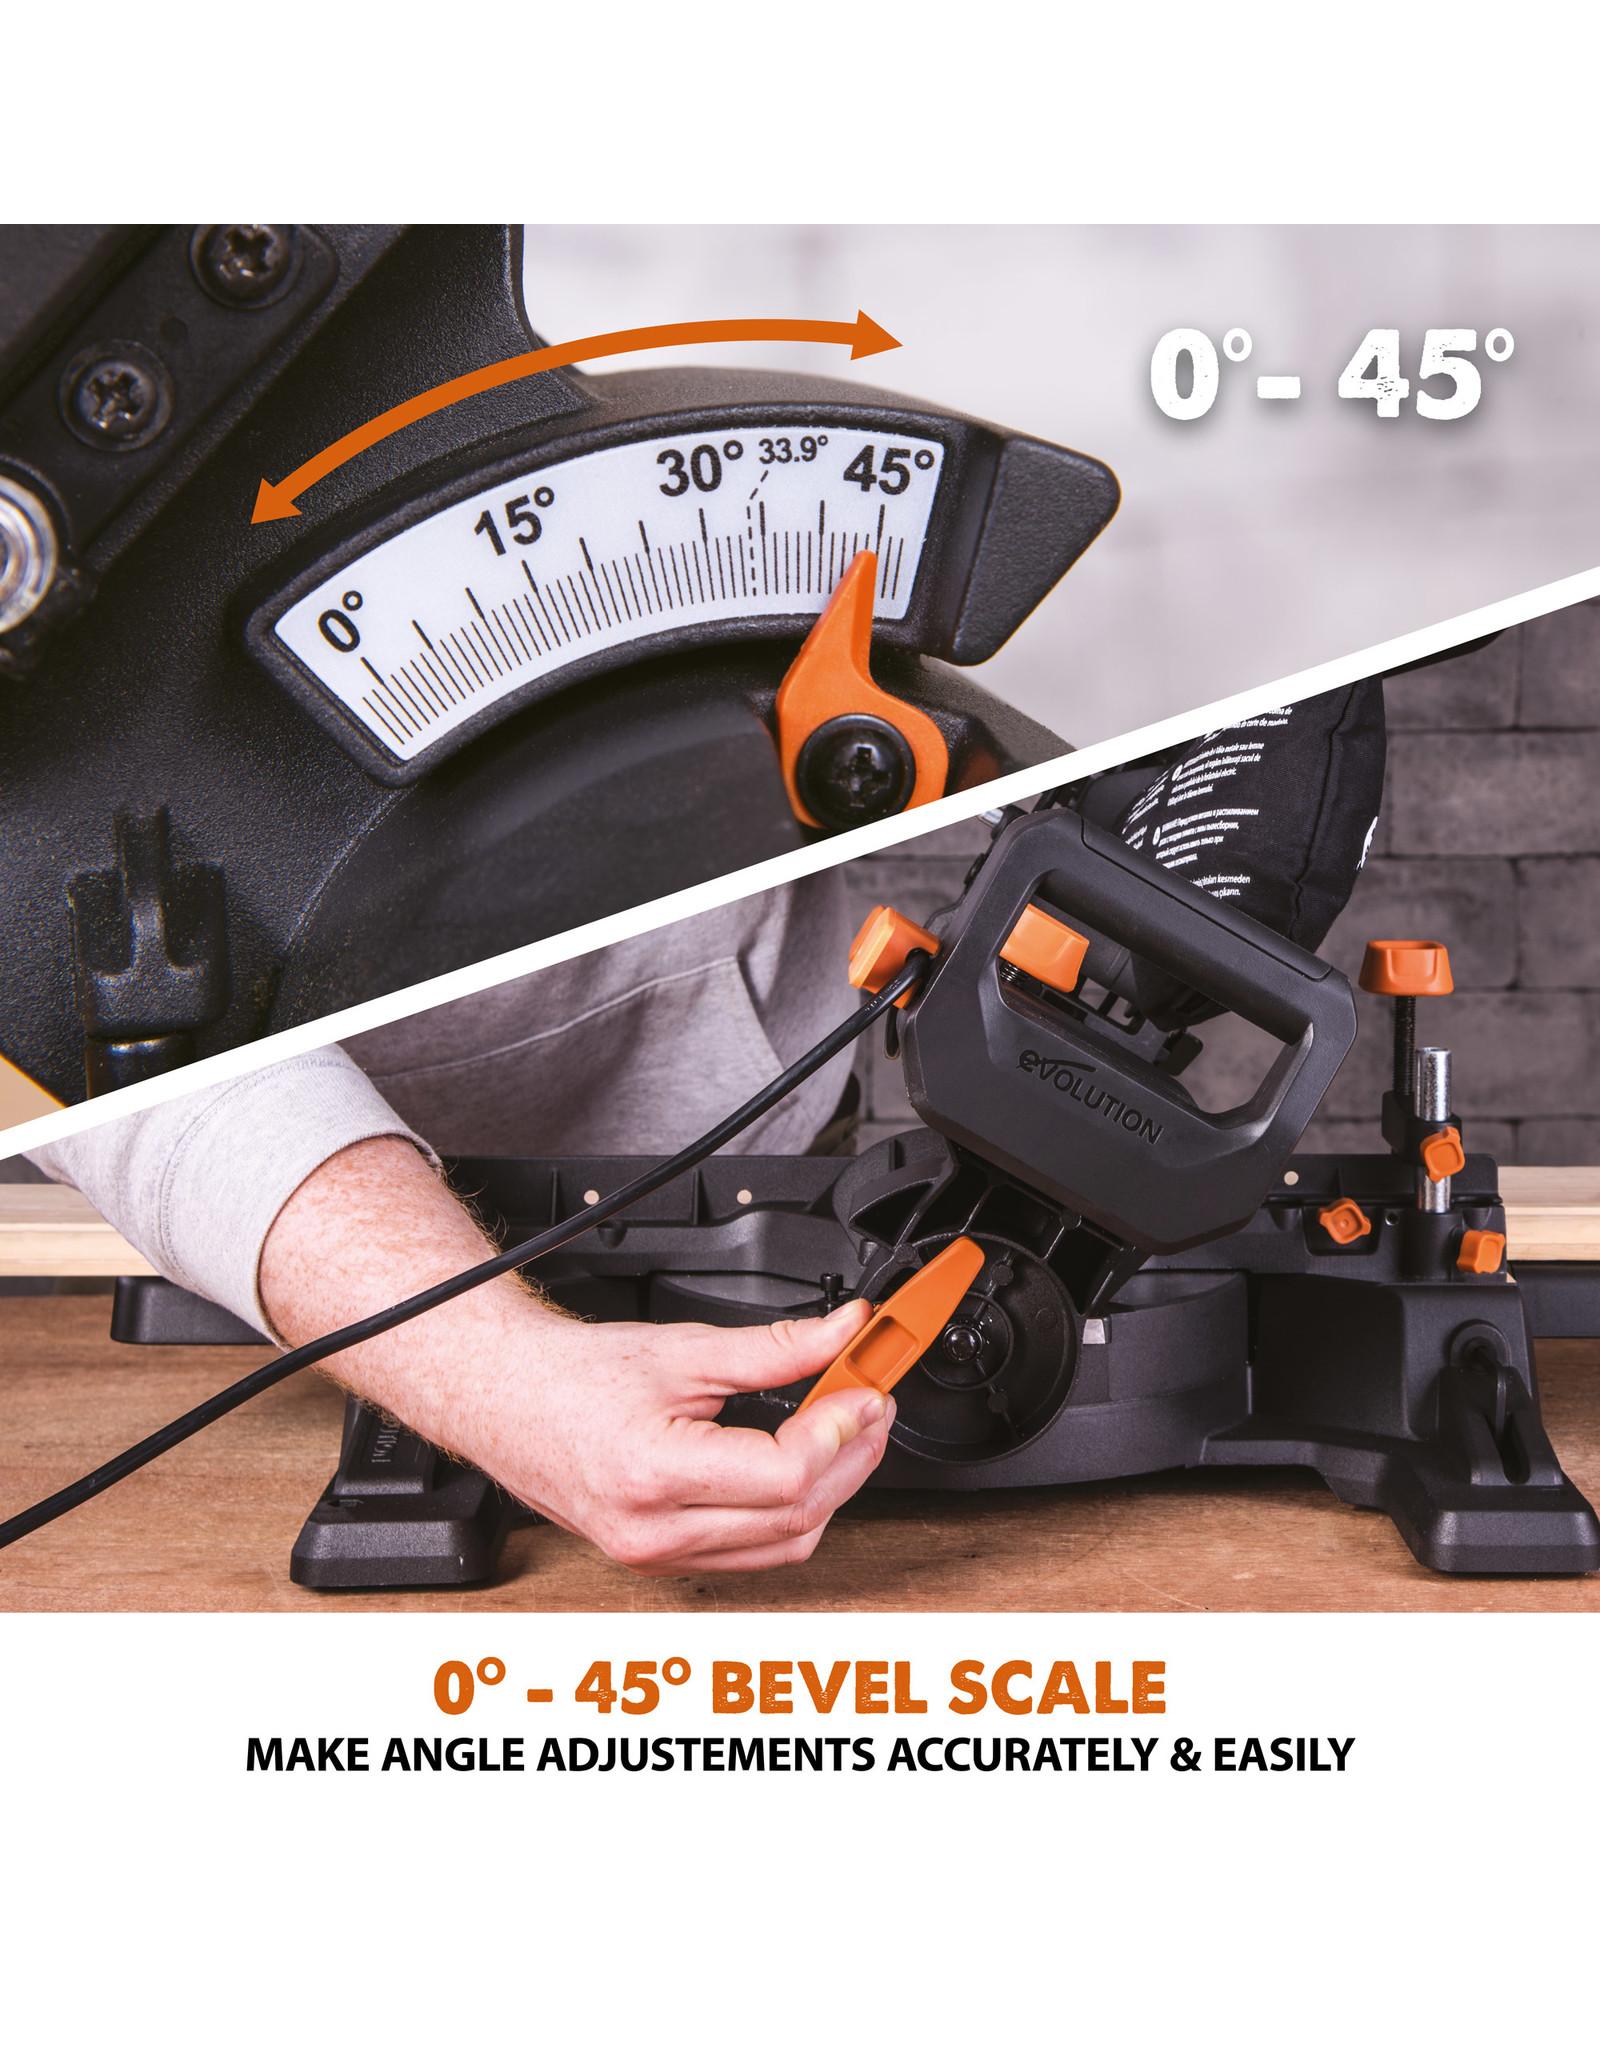 Evolution Power Tools Build Line MEHRZWECK-GLEIT GEHRUNGSSÄGE RAGE - R210 SMS-300+